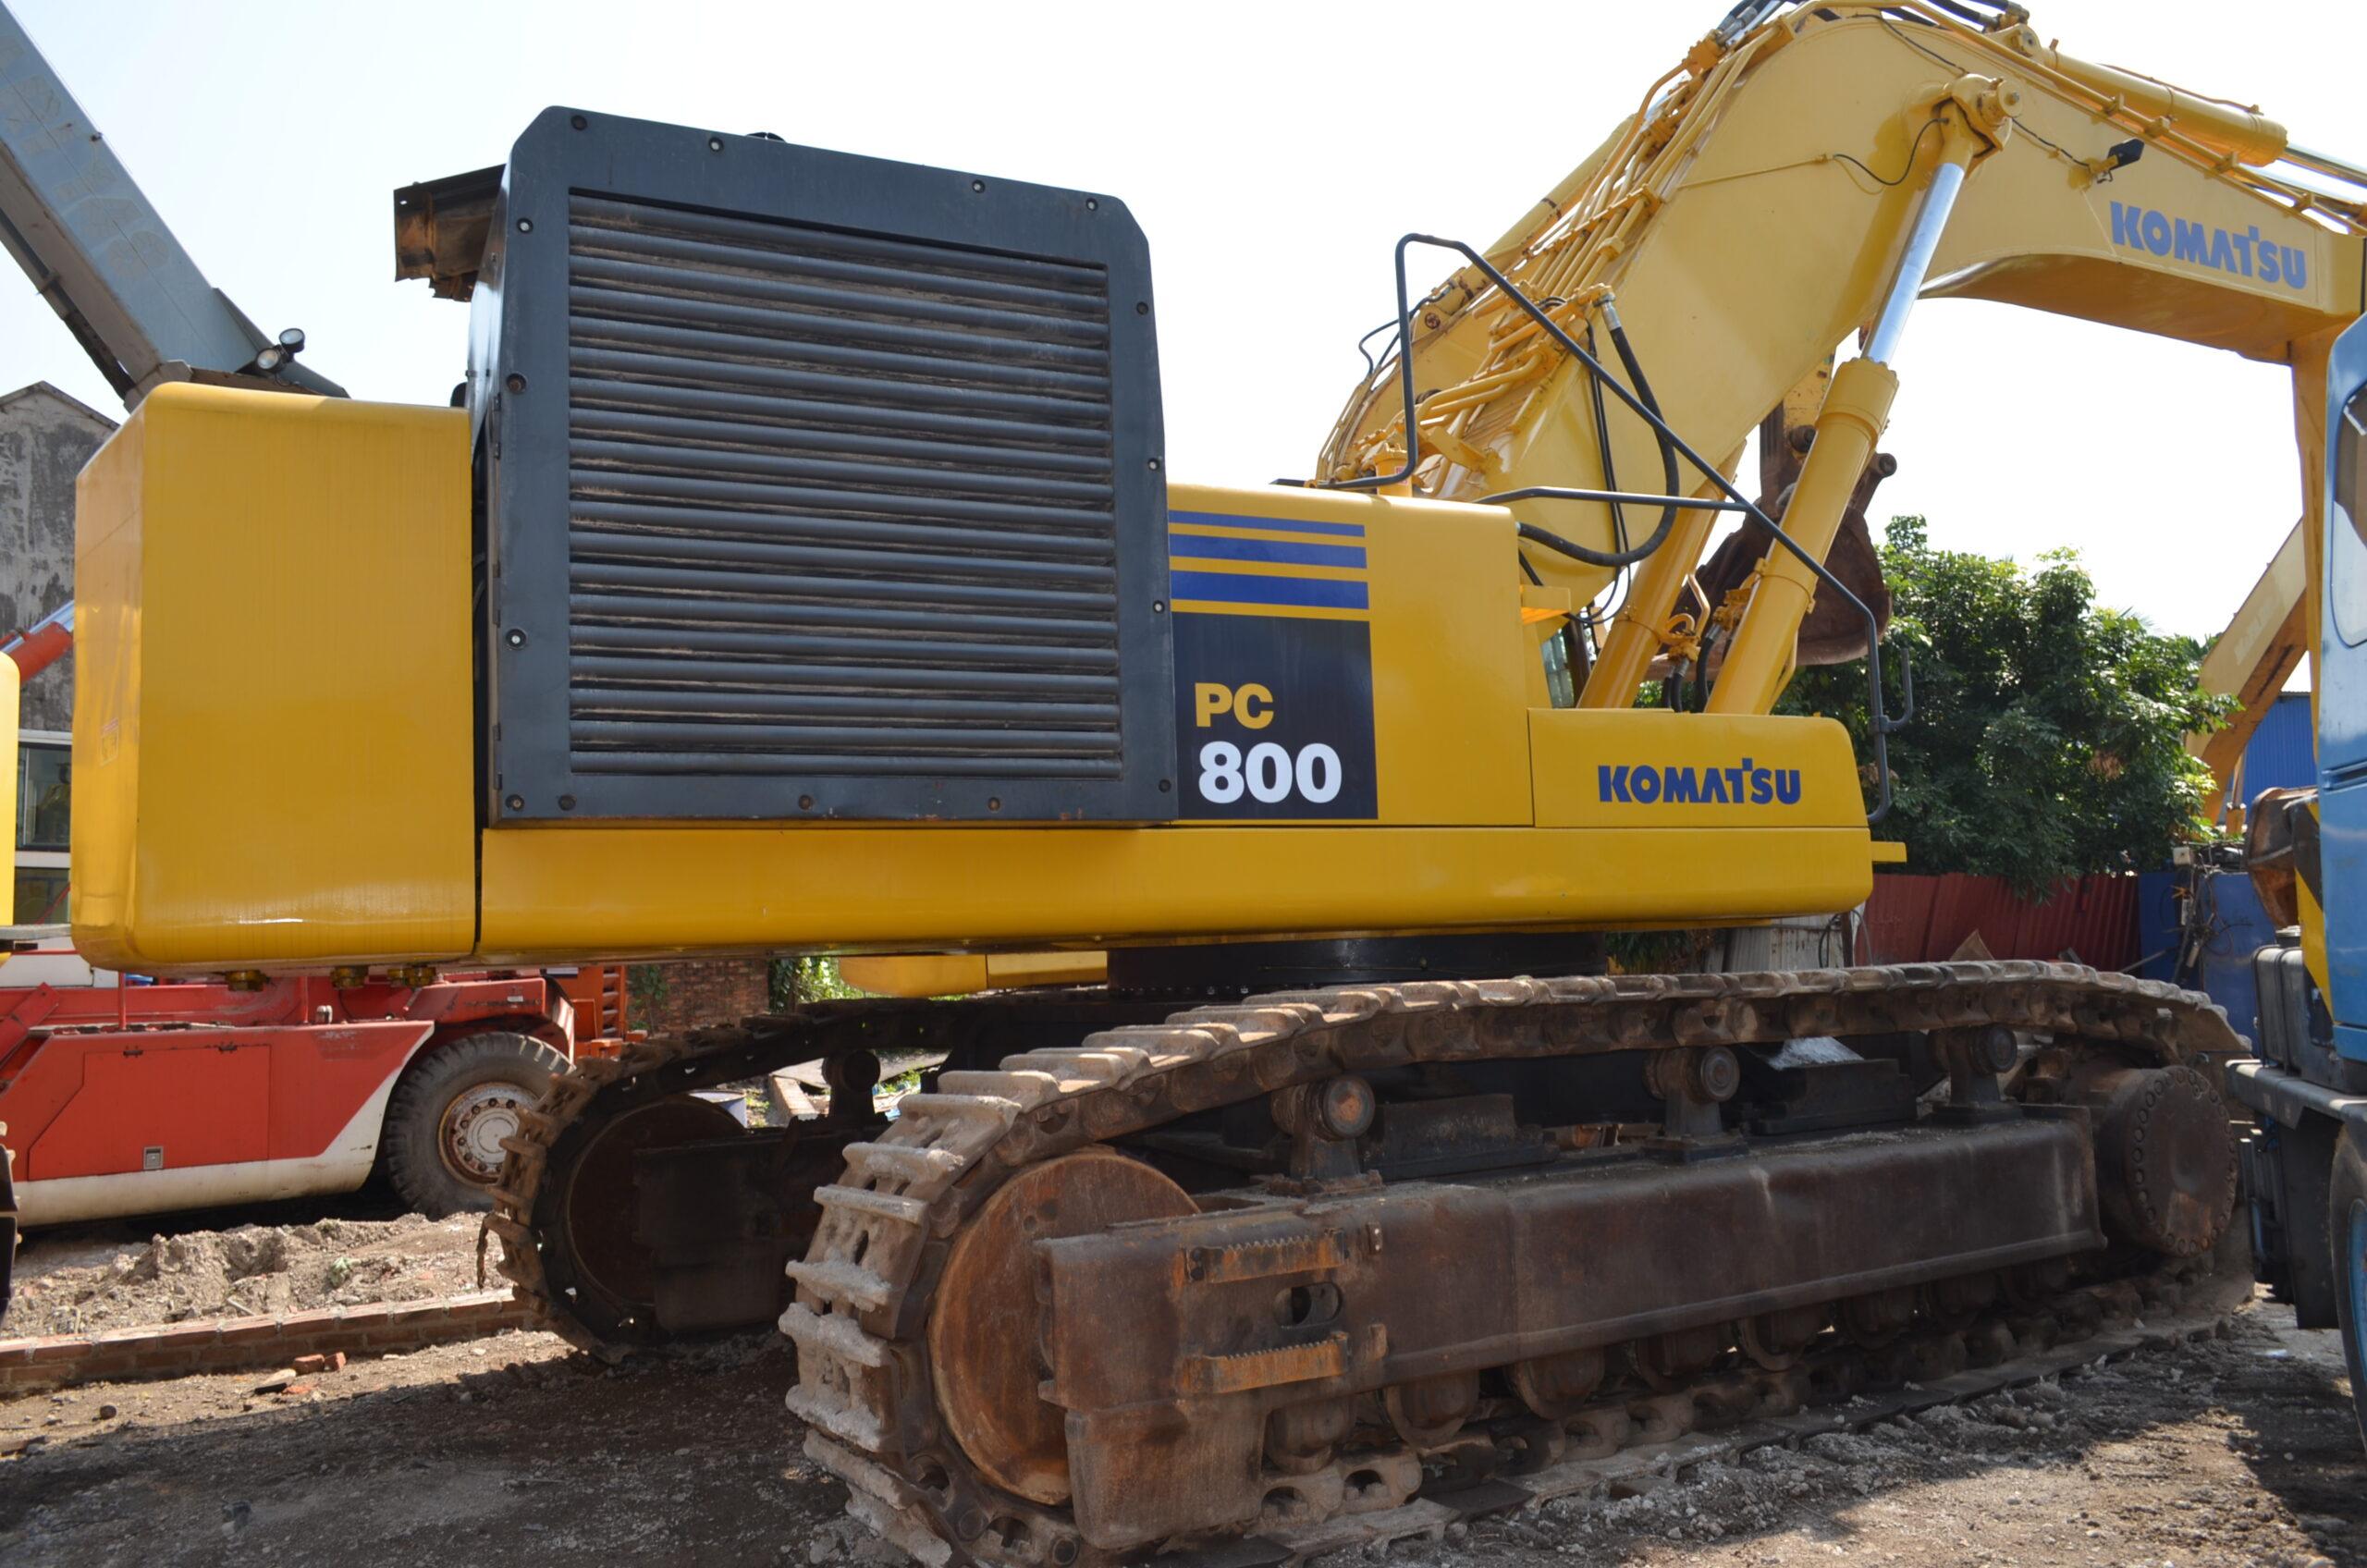 Các đời máy xúc Komatsu – ký hiệu trên máy xúc máy đào  mới nhất 2020